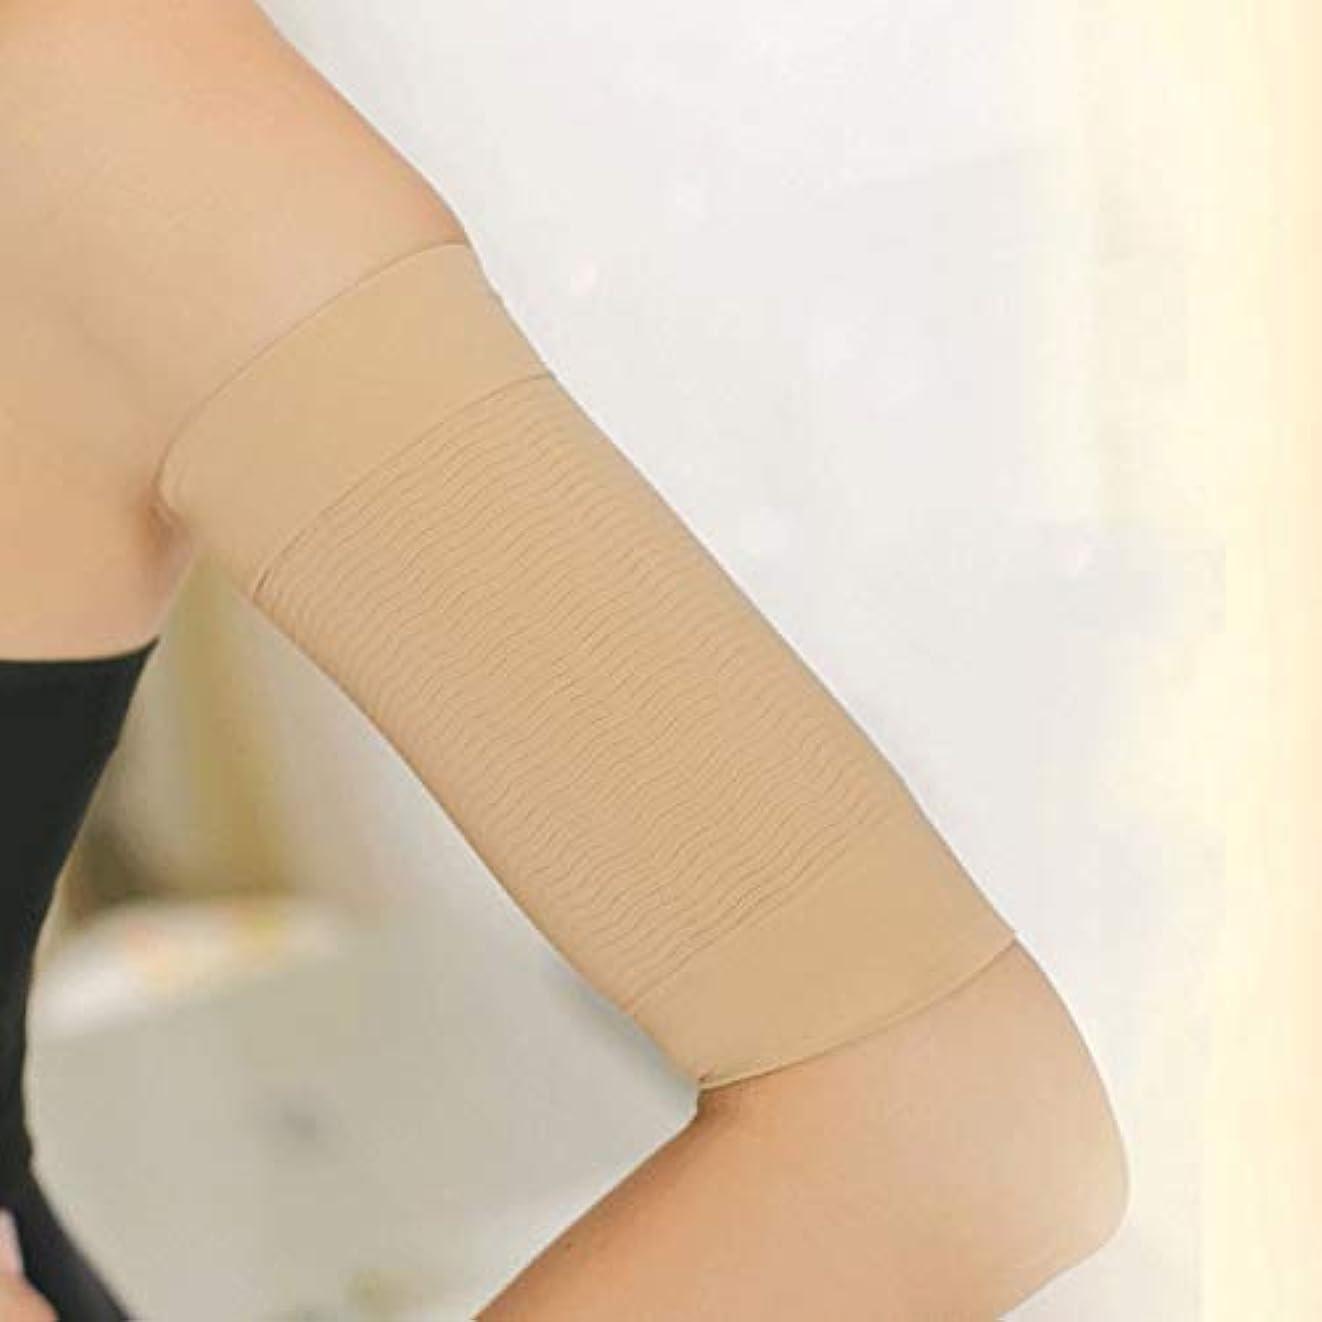 クライストチャーチ取り替える横に1ペア420 d圧縮痩身アームスリーブワークアウトトーニングバーンセルライトシェイパー脂肪燃焼袖用女性